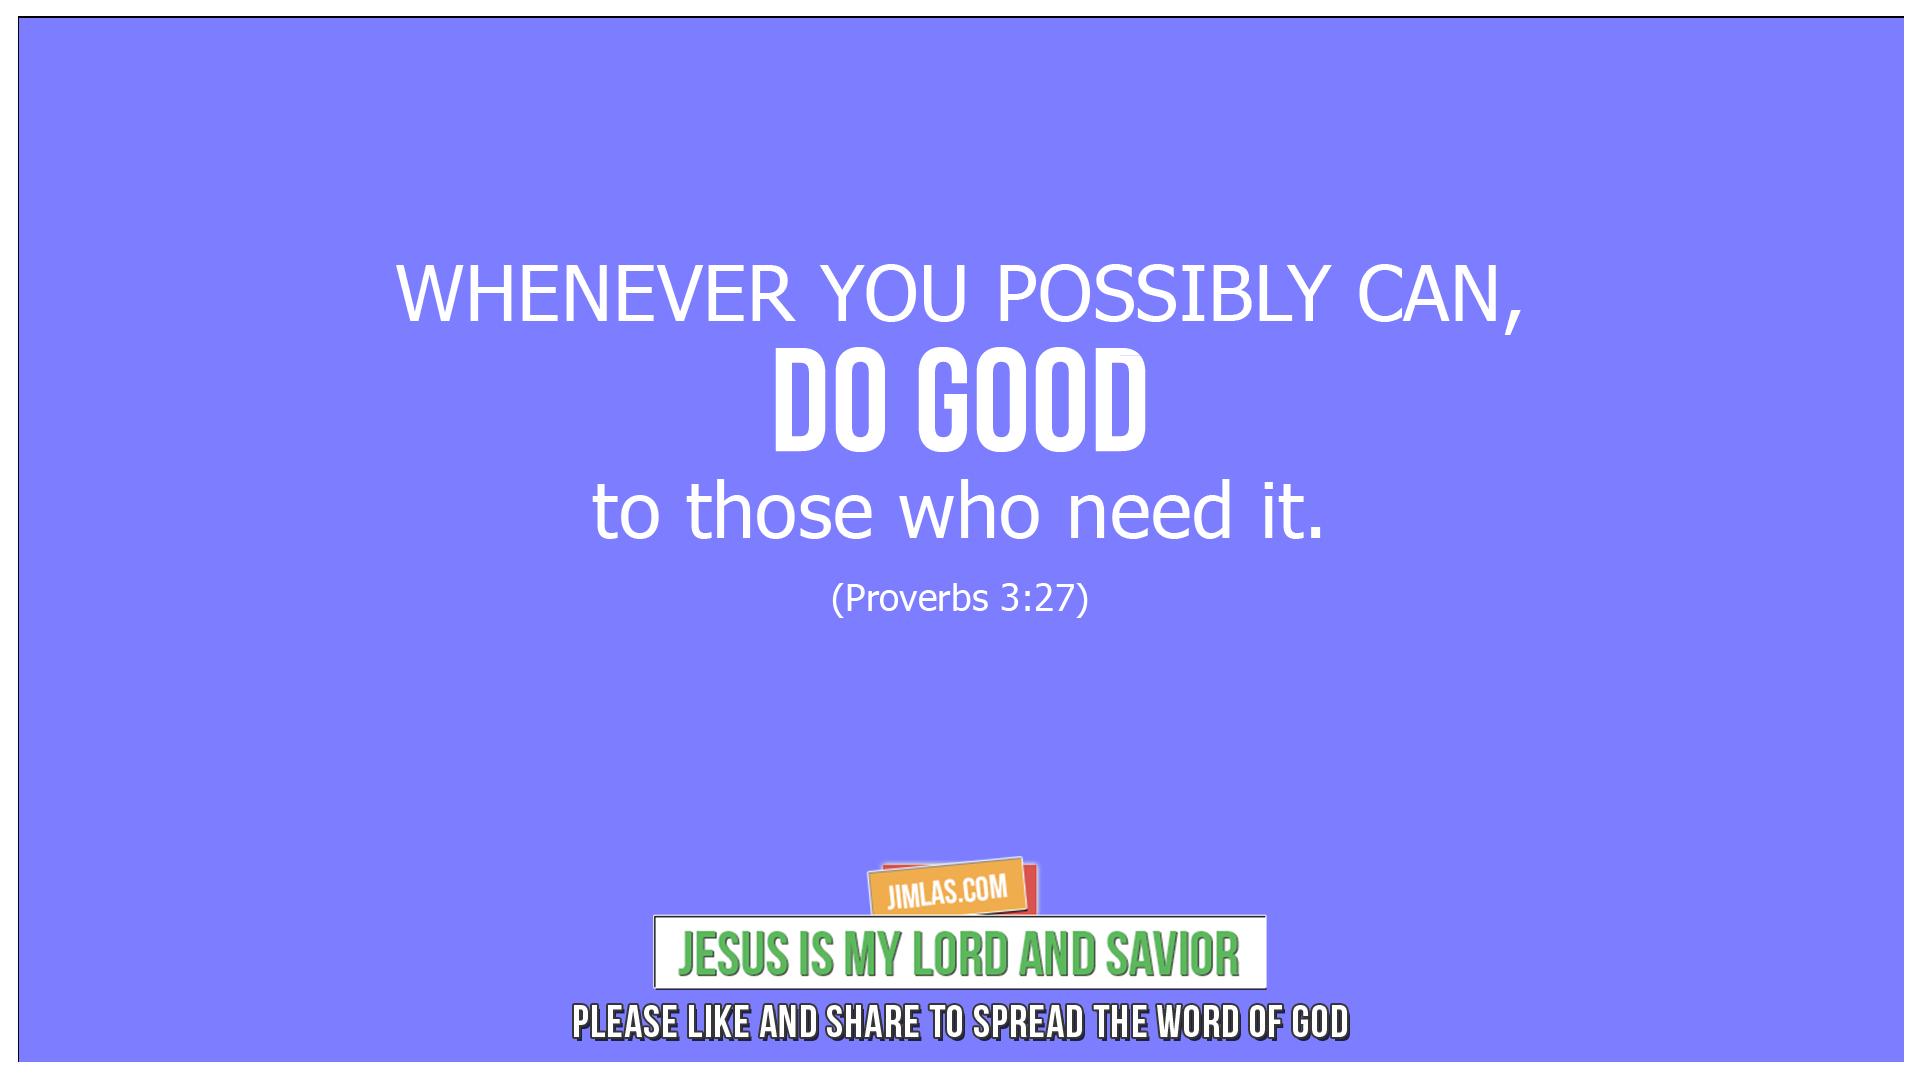 proverbs 3 27, Proverbs 3:27